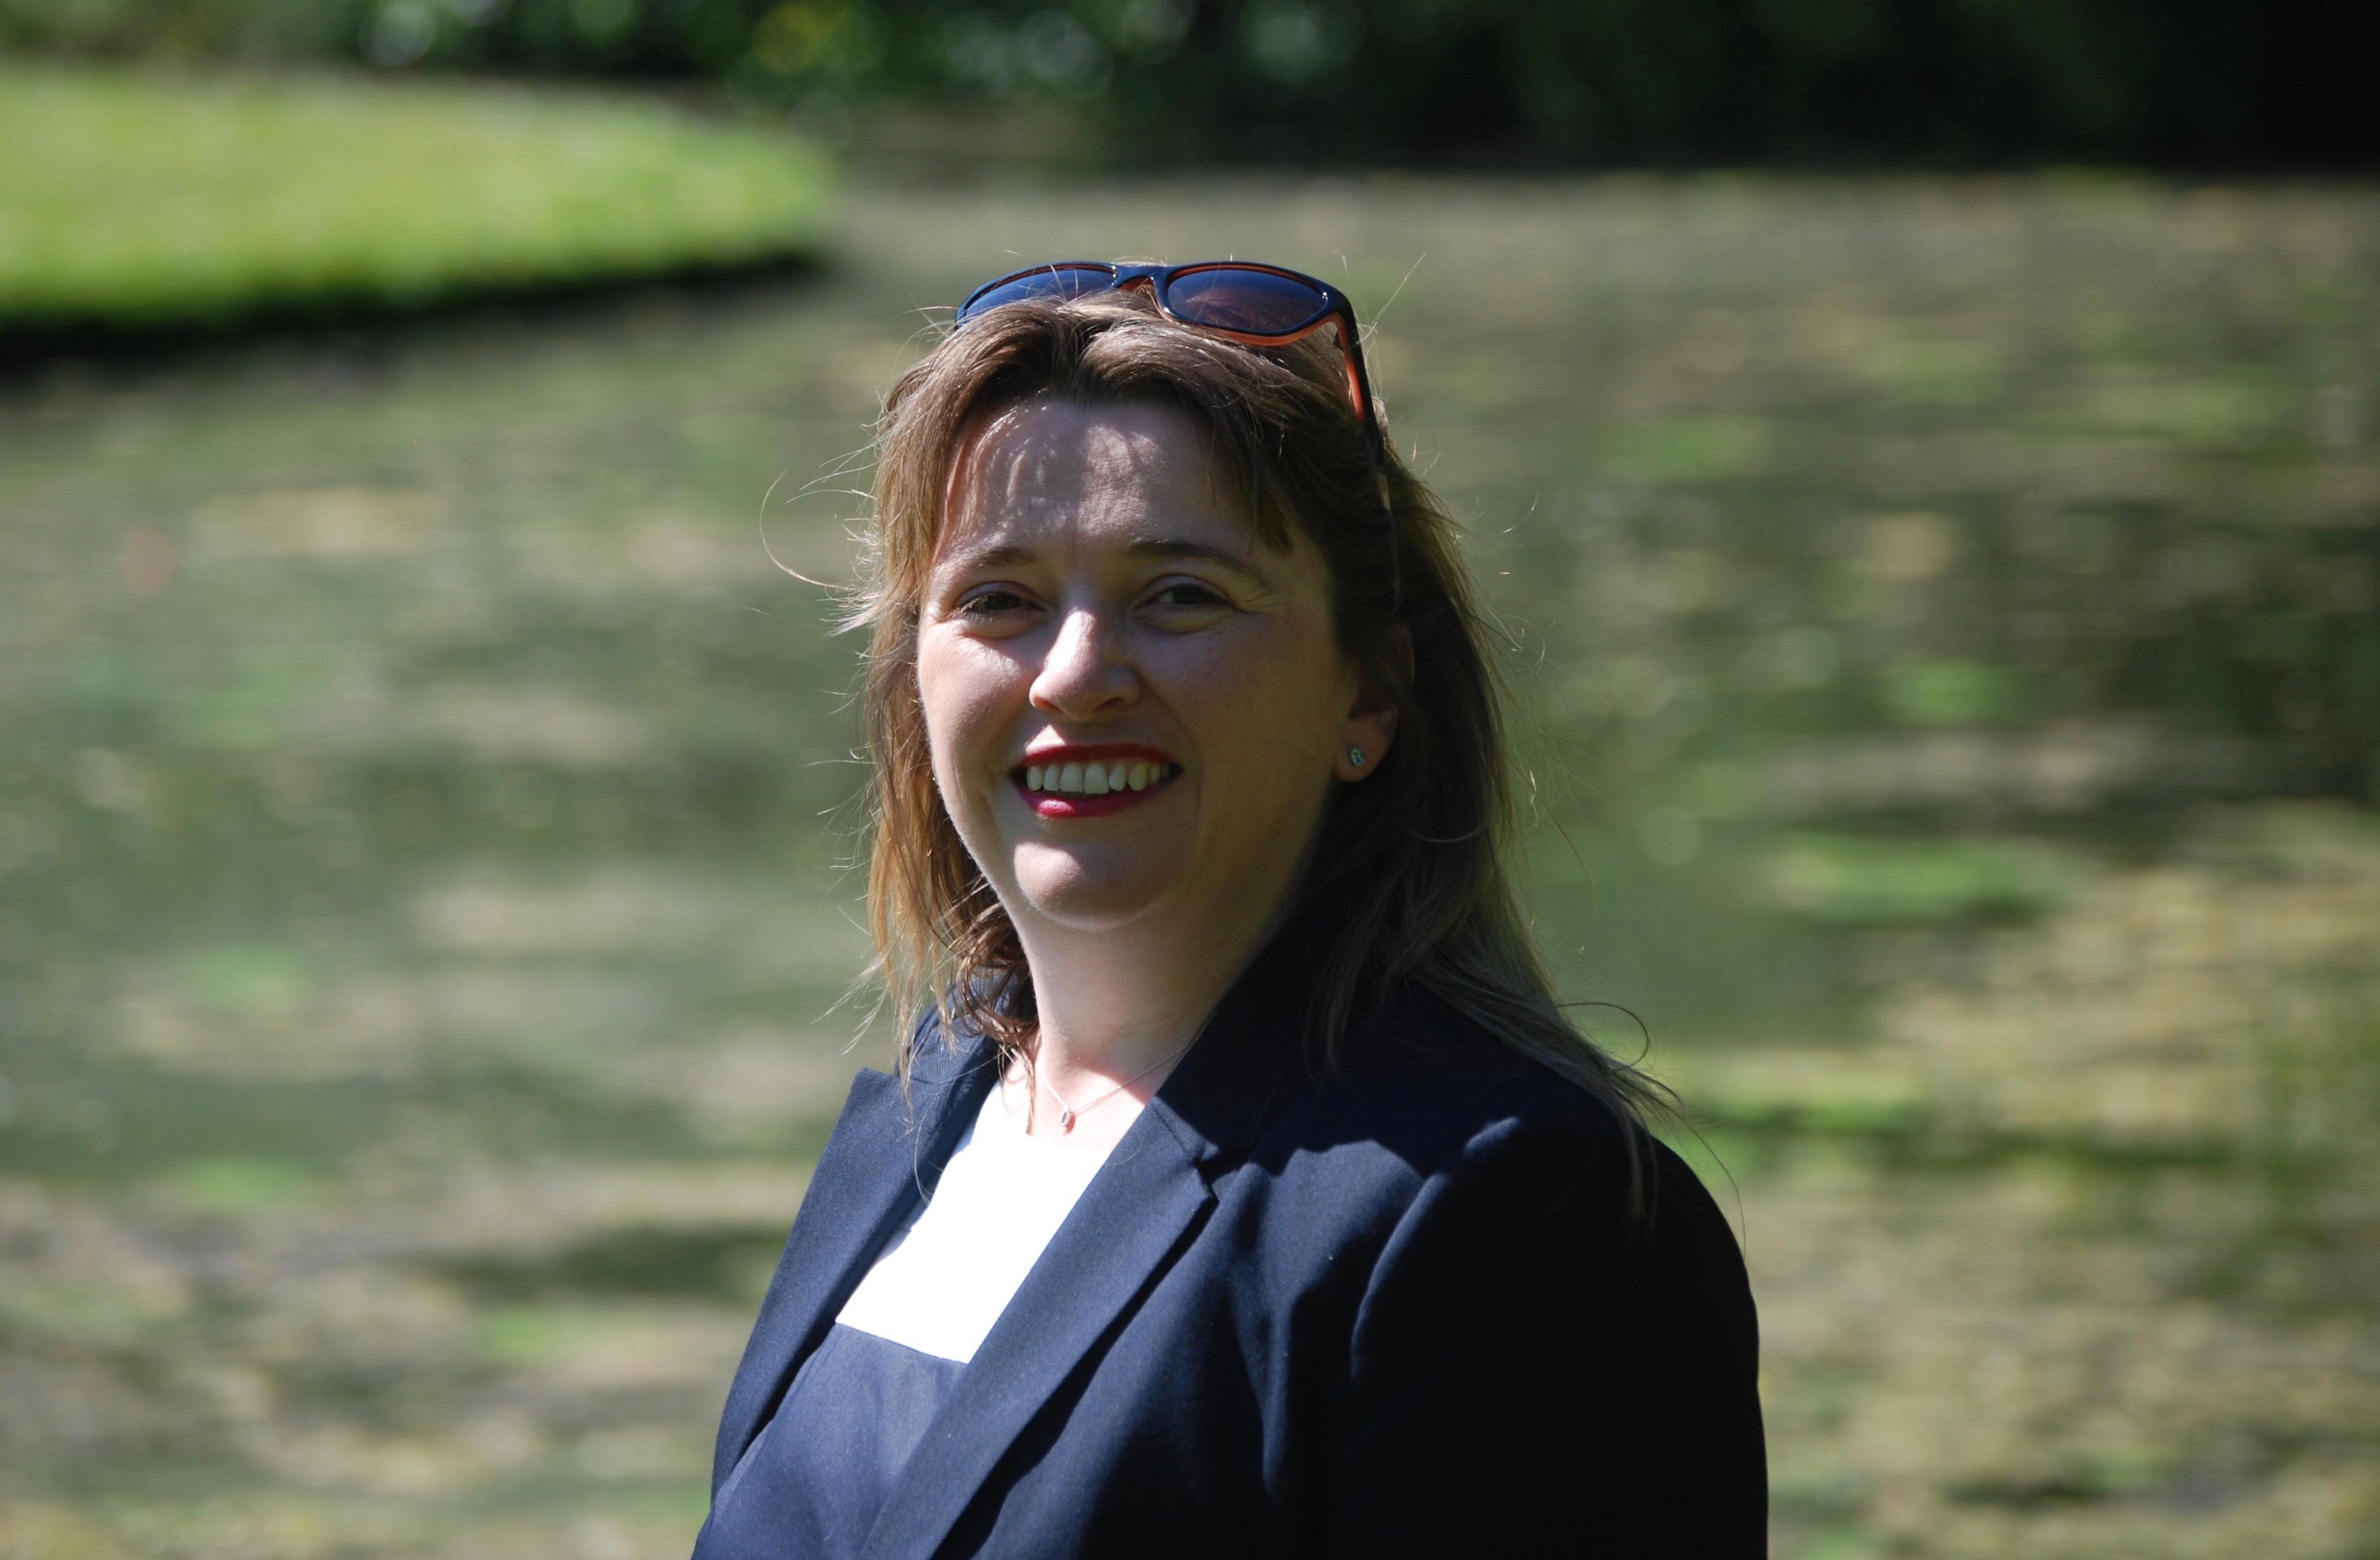 Frauen aus irland kennenlernen